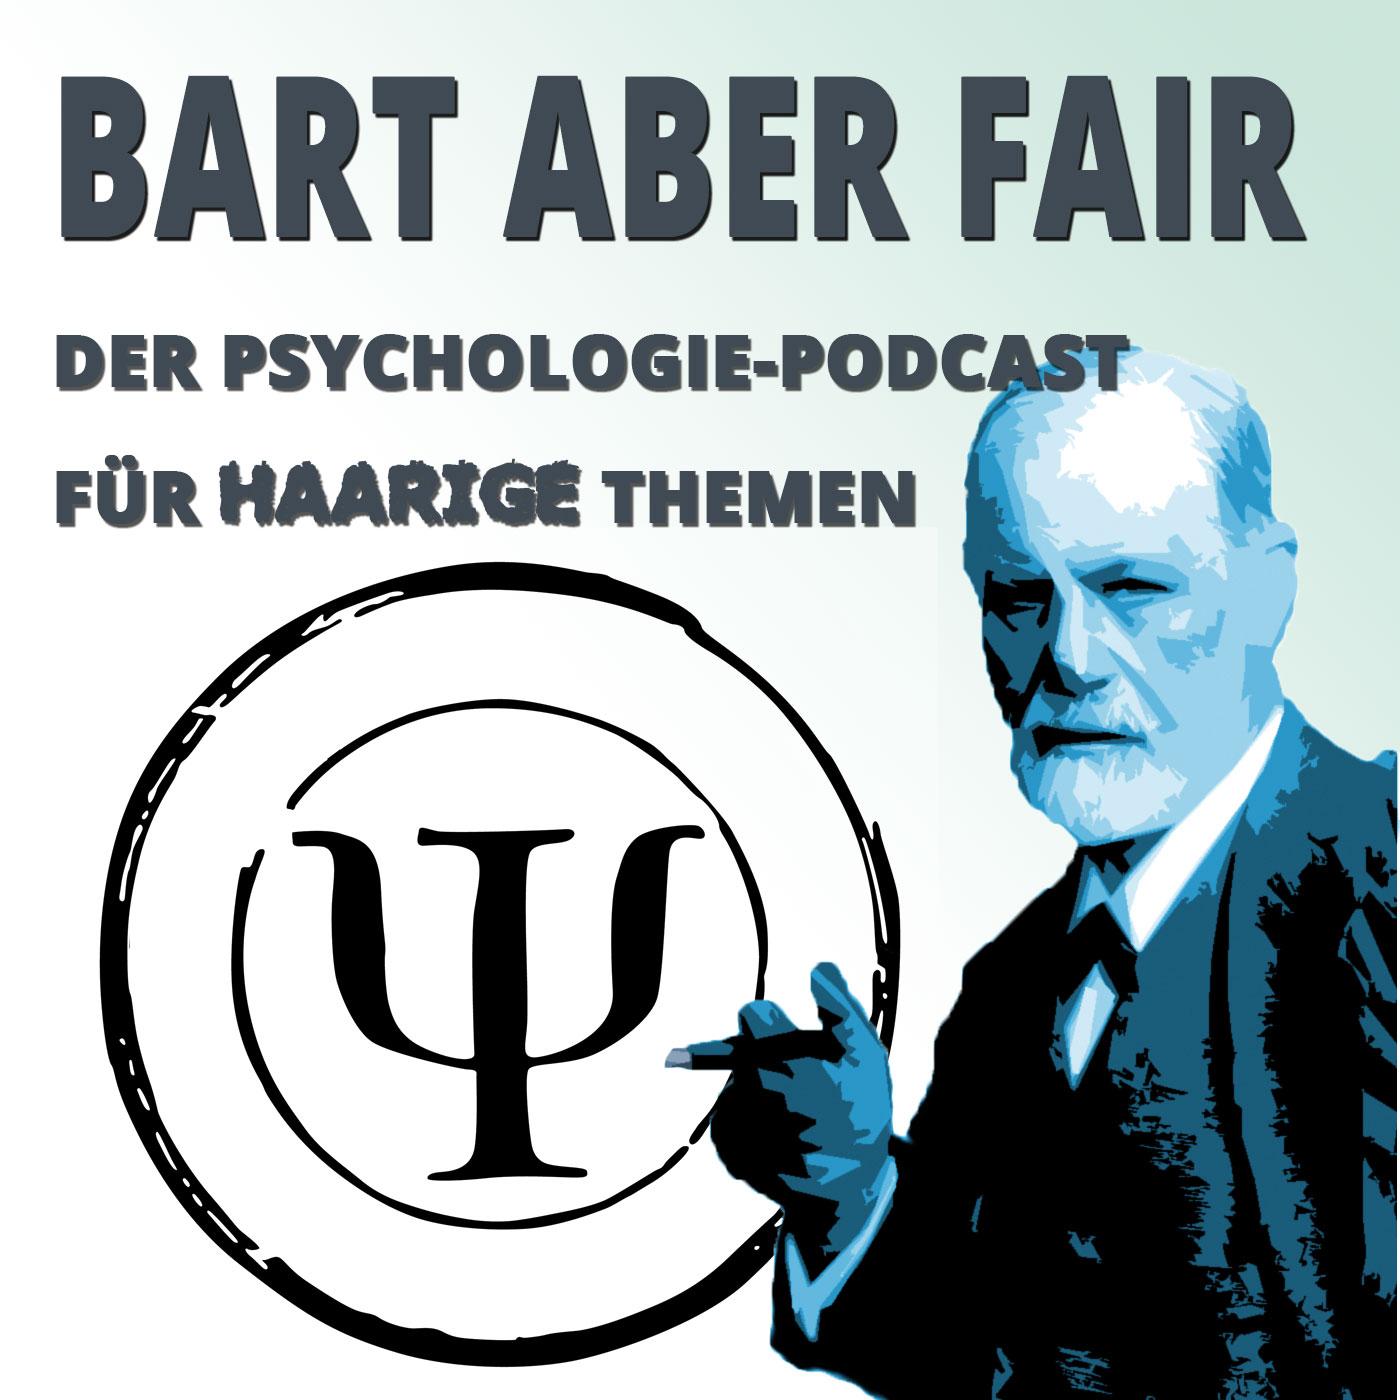 Bart aber Fair – Der Psychologiepodcast für haarige Themen